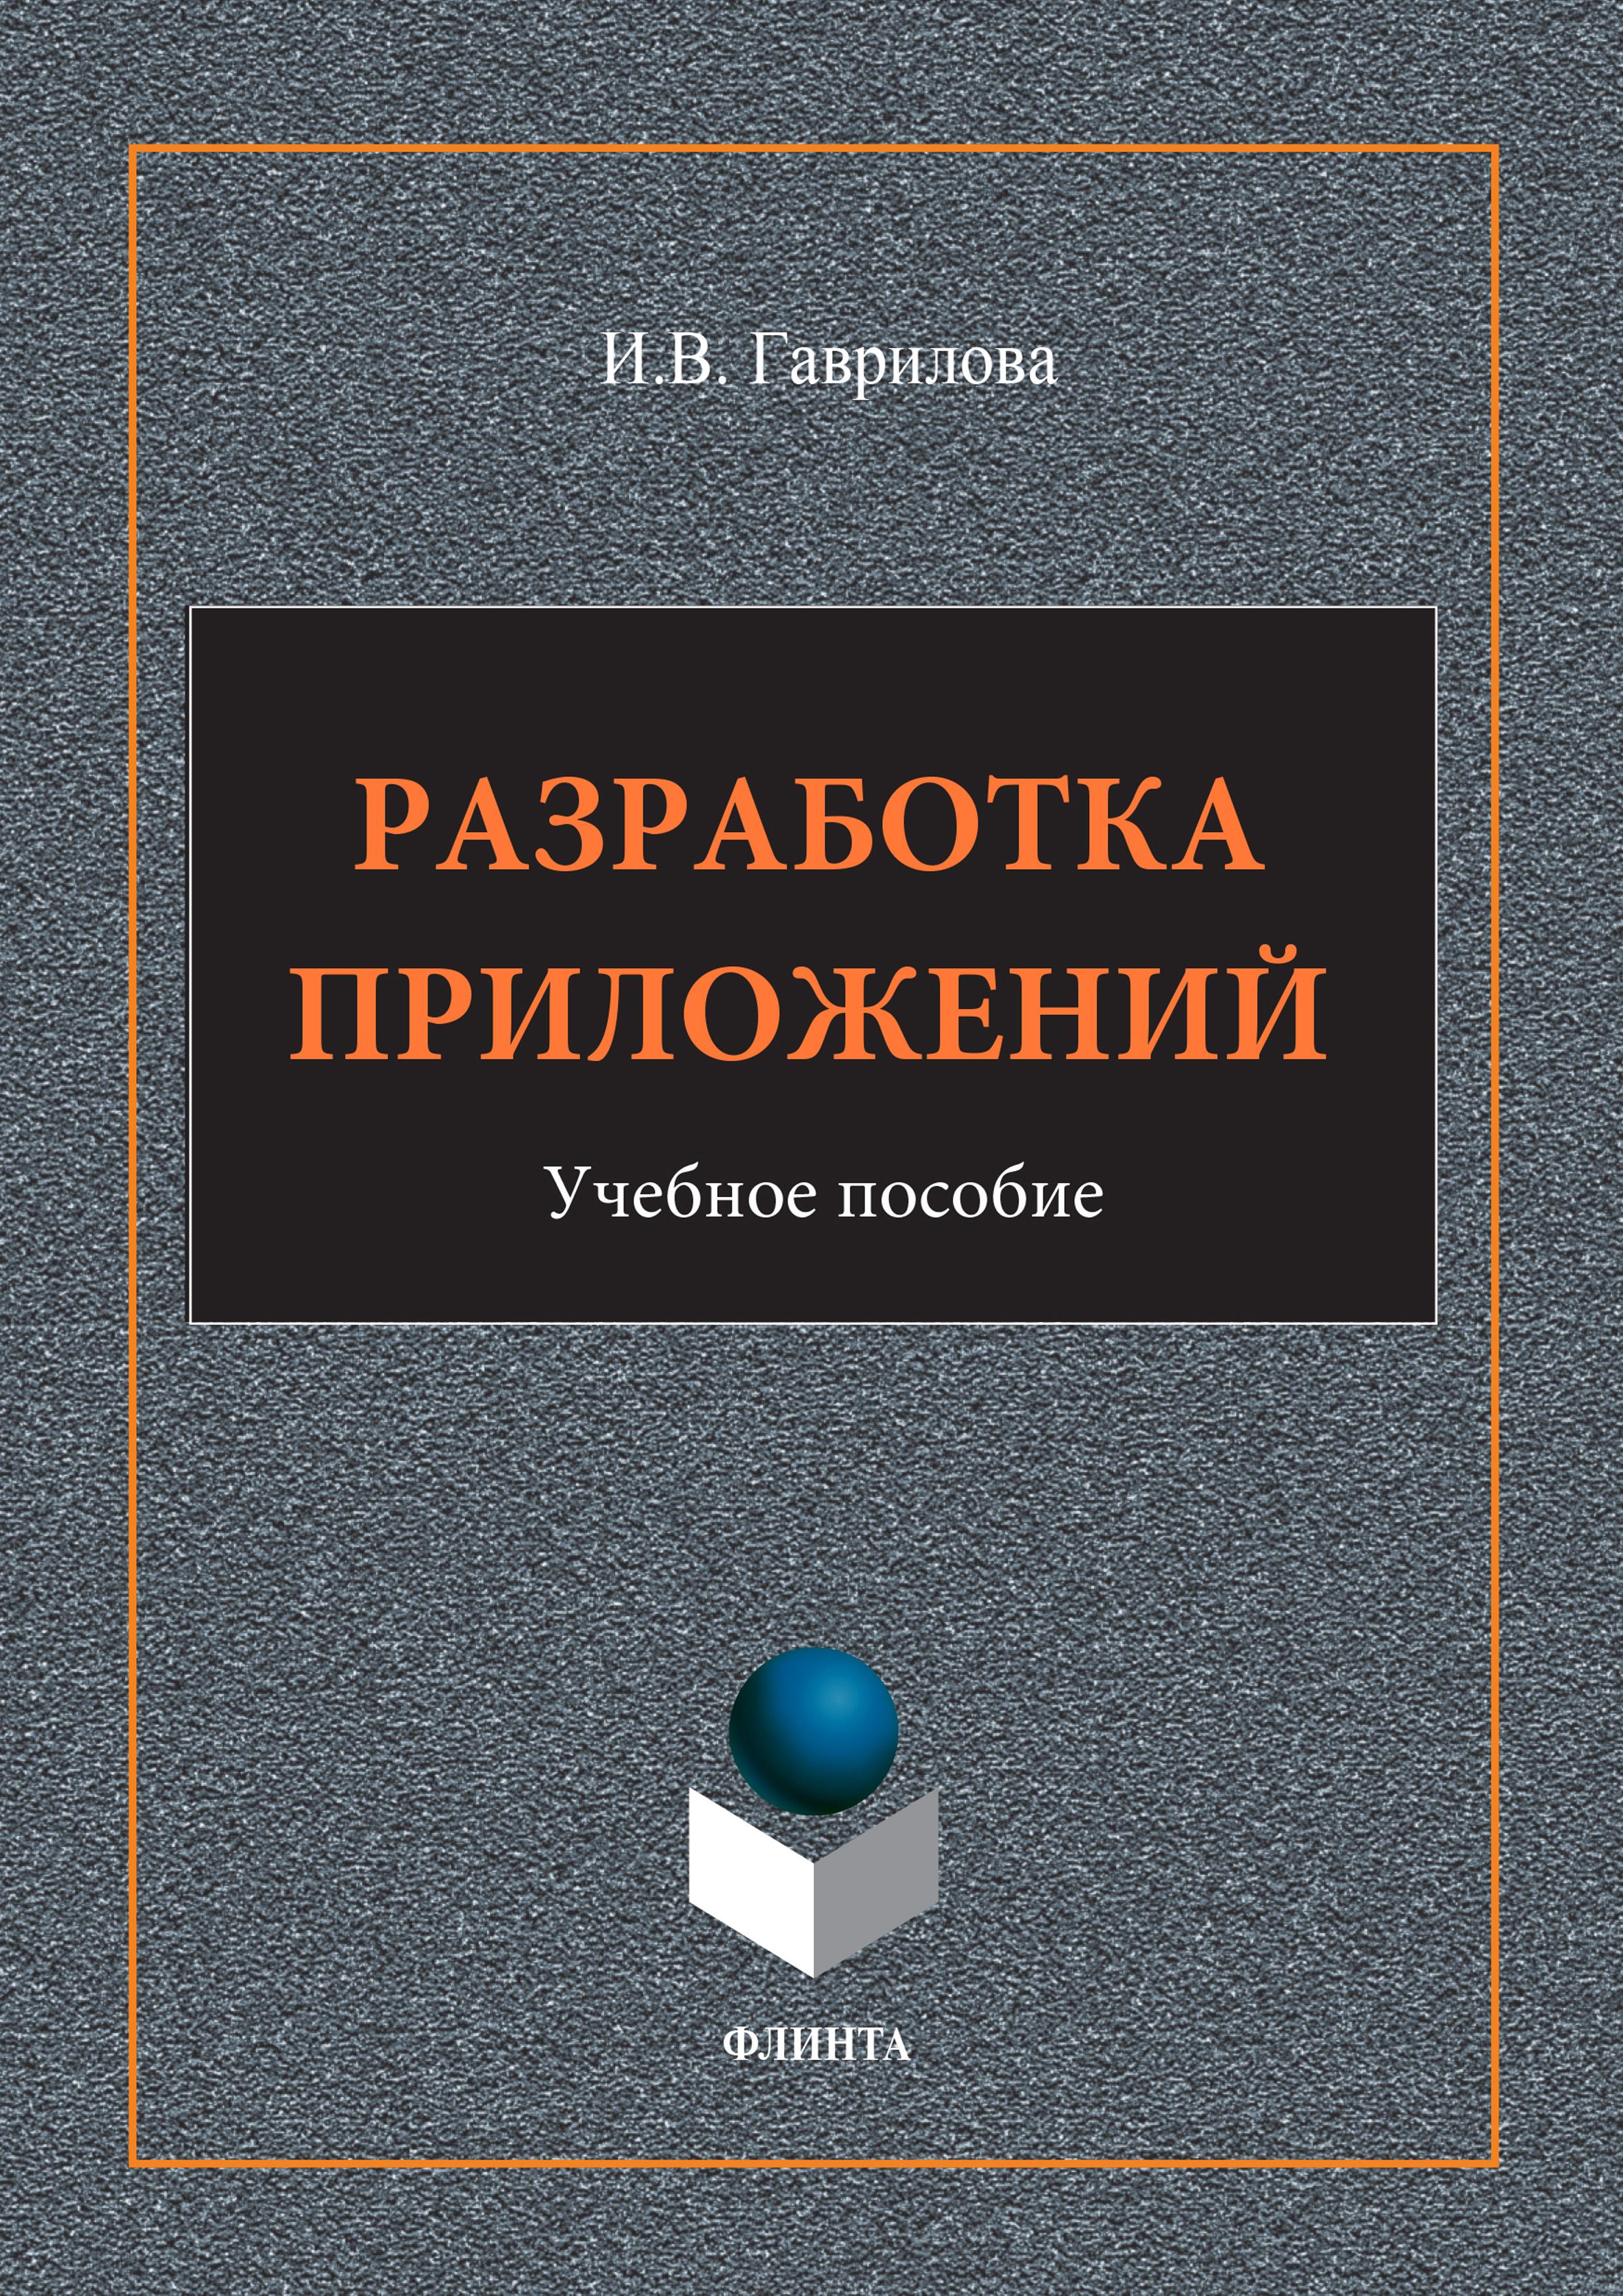 И. В. Гаврилова Разработка приложений. Учебное пособие